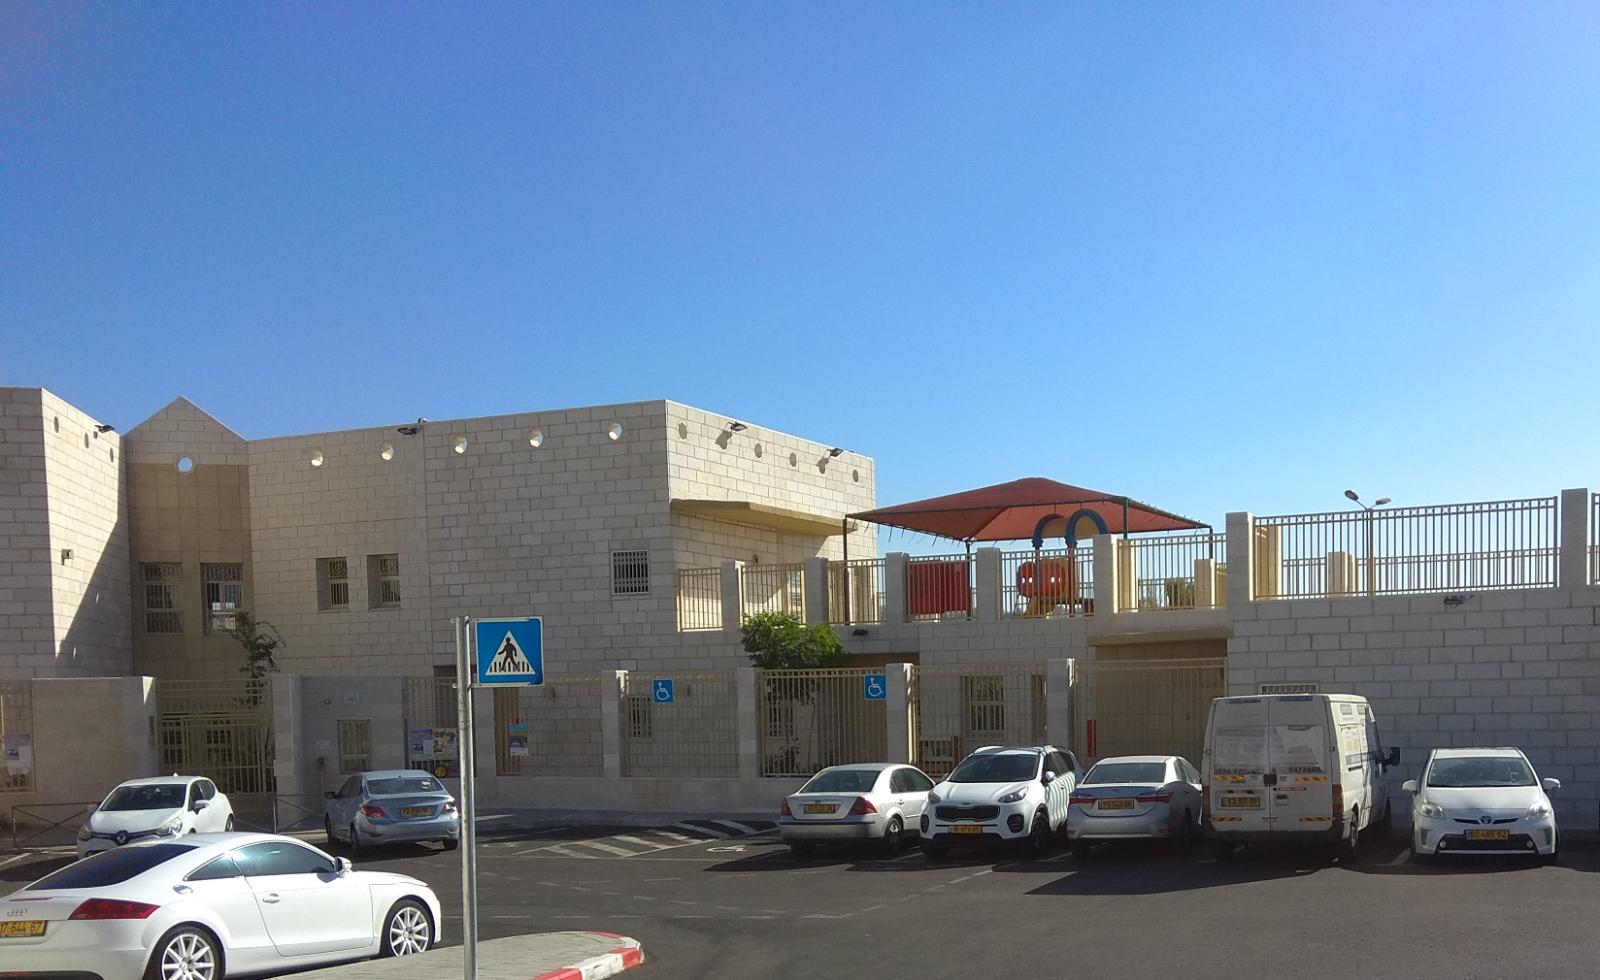 מתחם גני הילדים החדש ברחוב בן דוסא (צילום: ועד שכונת גוננים)